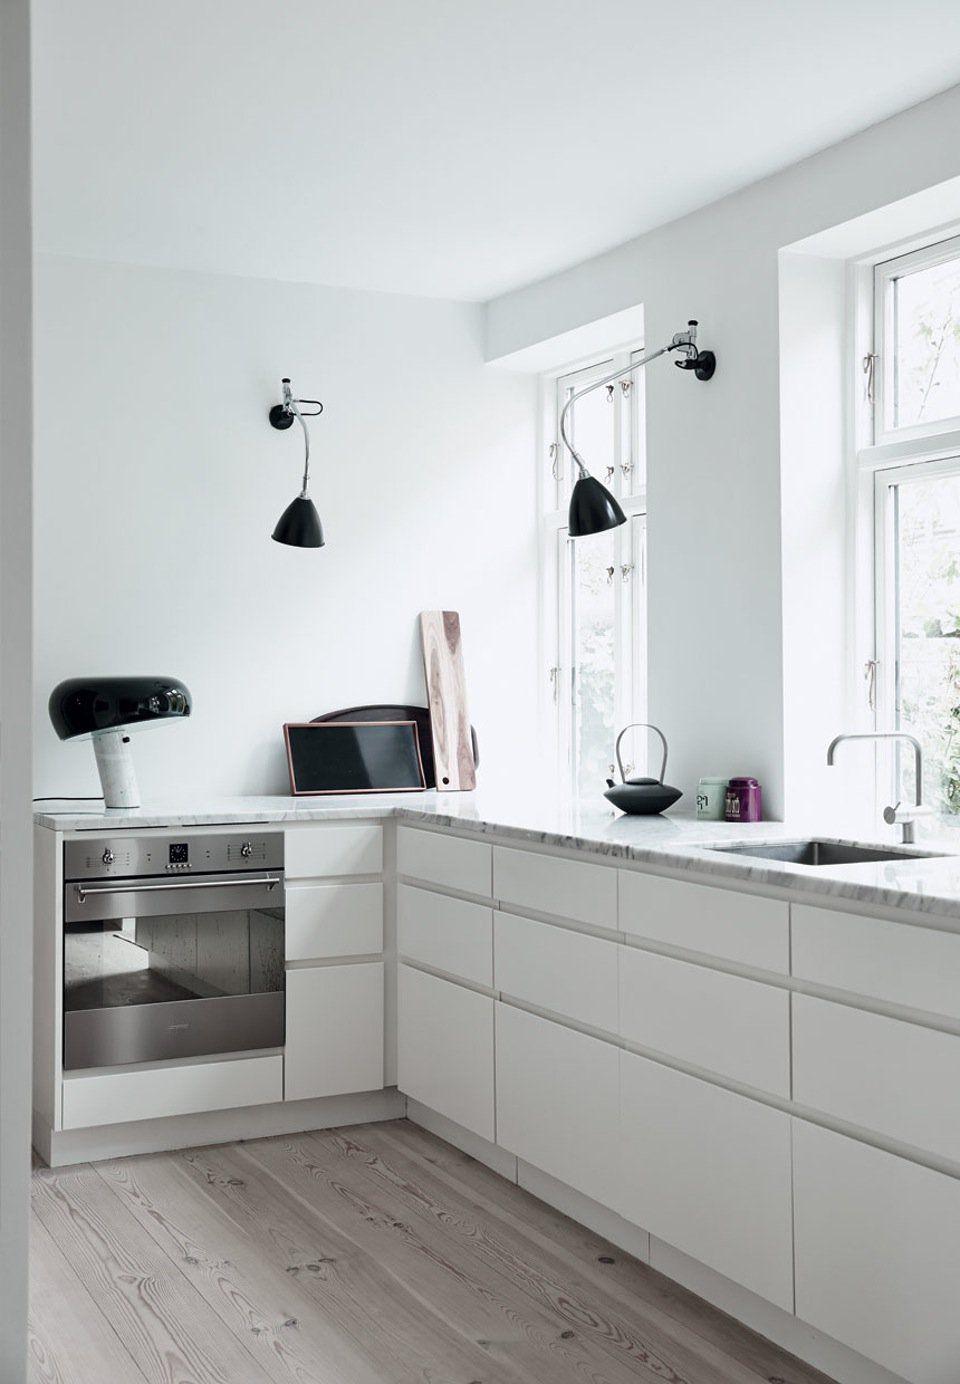 Designelskerens kartoffelrækkehus i København | Stylish kitchen ...